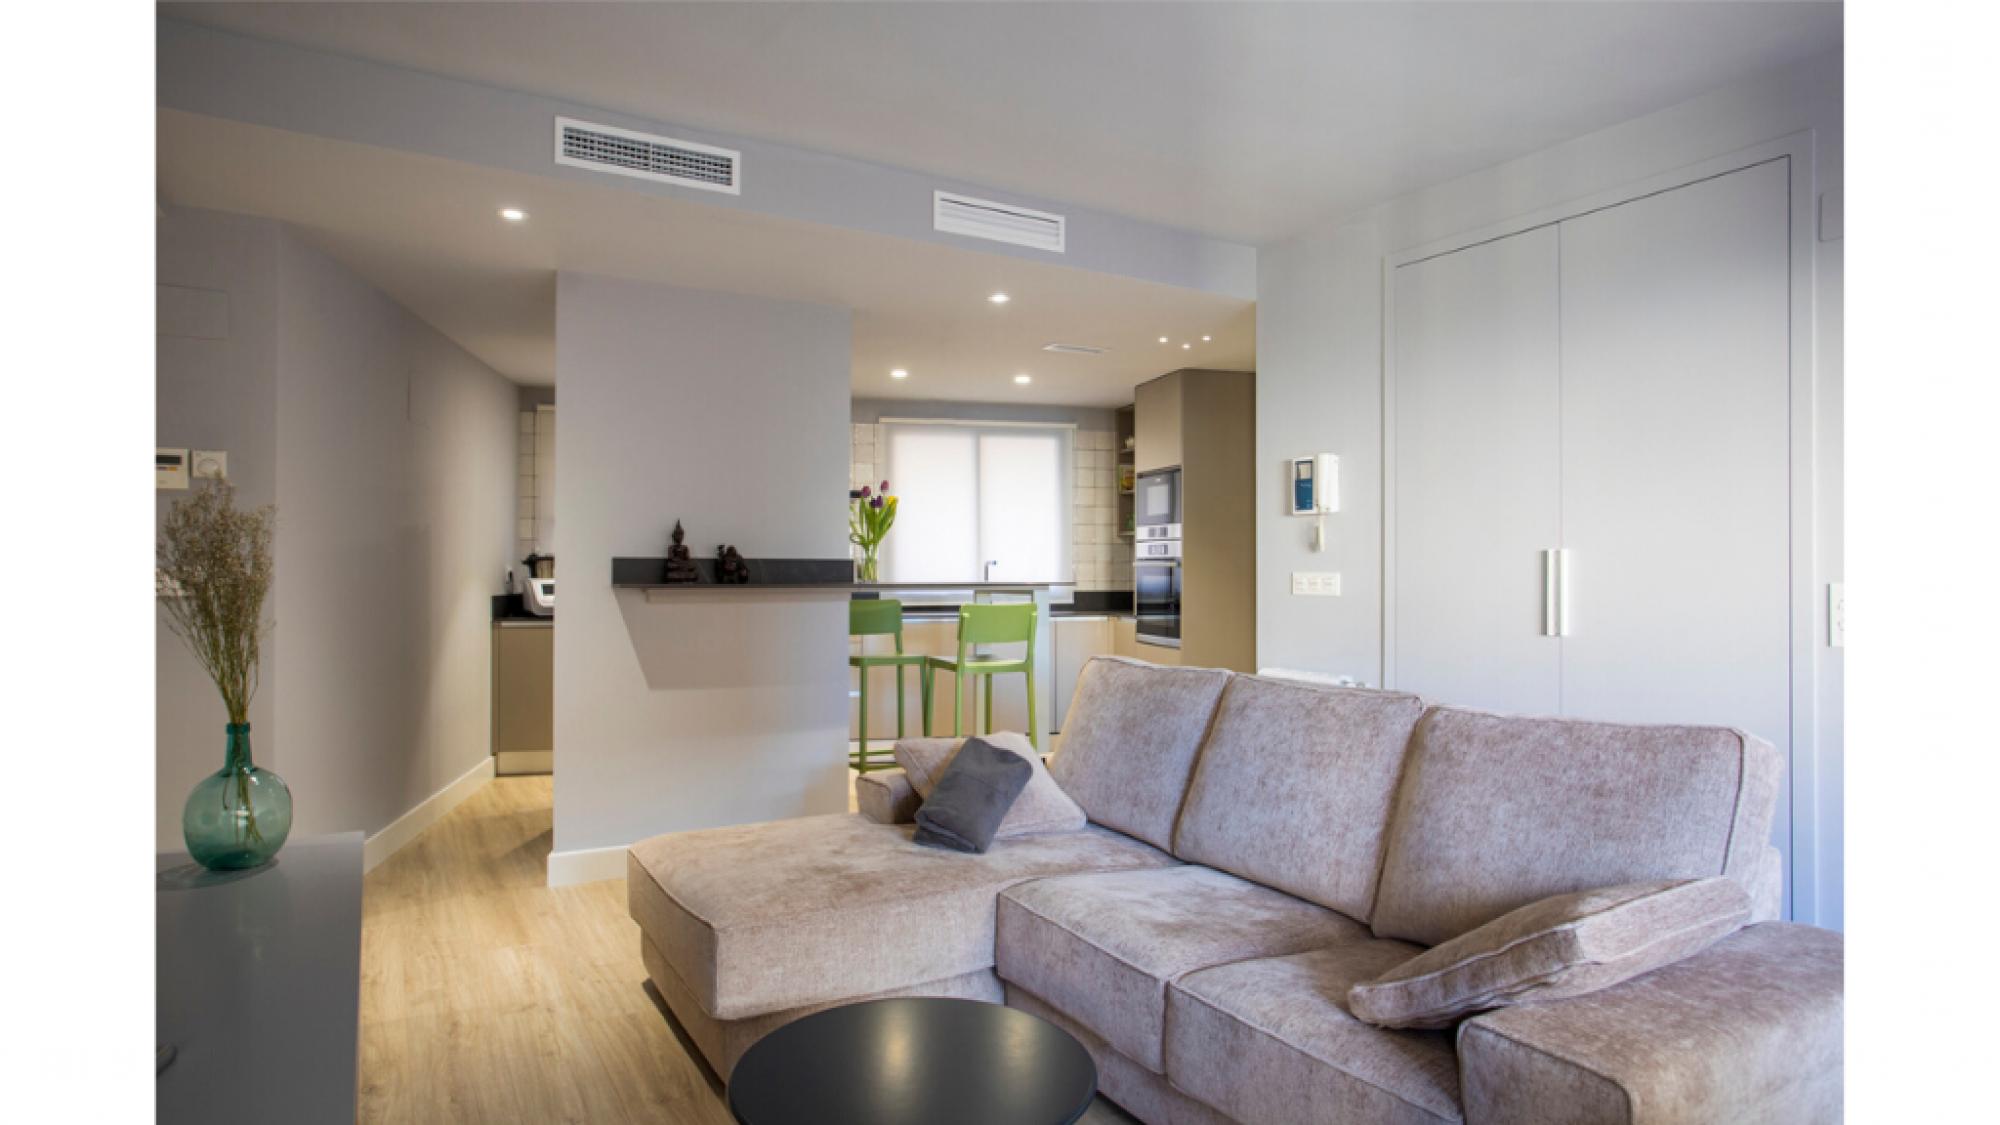 Reforma integral de vivienda, nuevo hogar en Zaragoza · Ámbito d&d